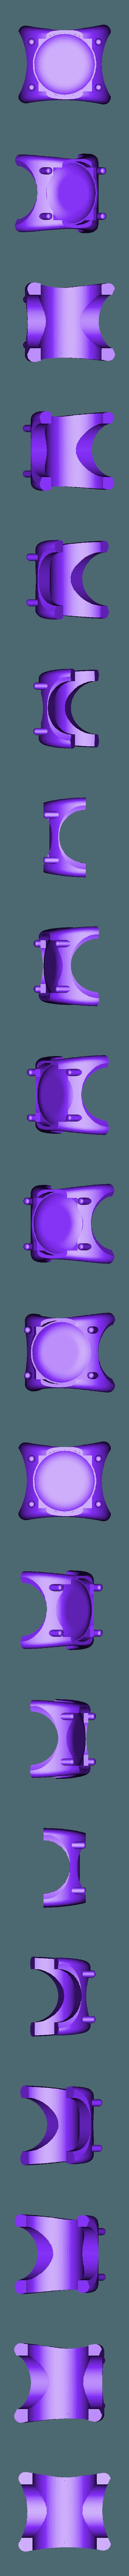 Kneecap.stl Download free STL file Imperial Crusader Mech - New Legs • 3D printable model, GarinC3D